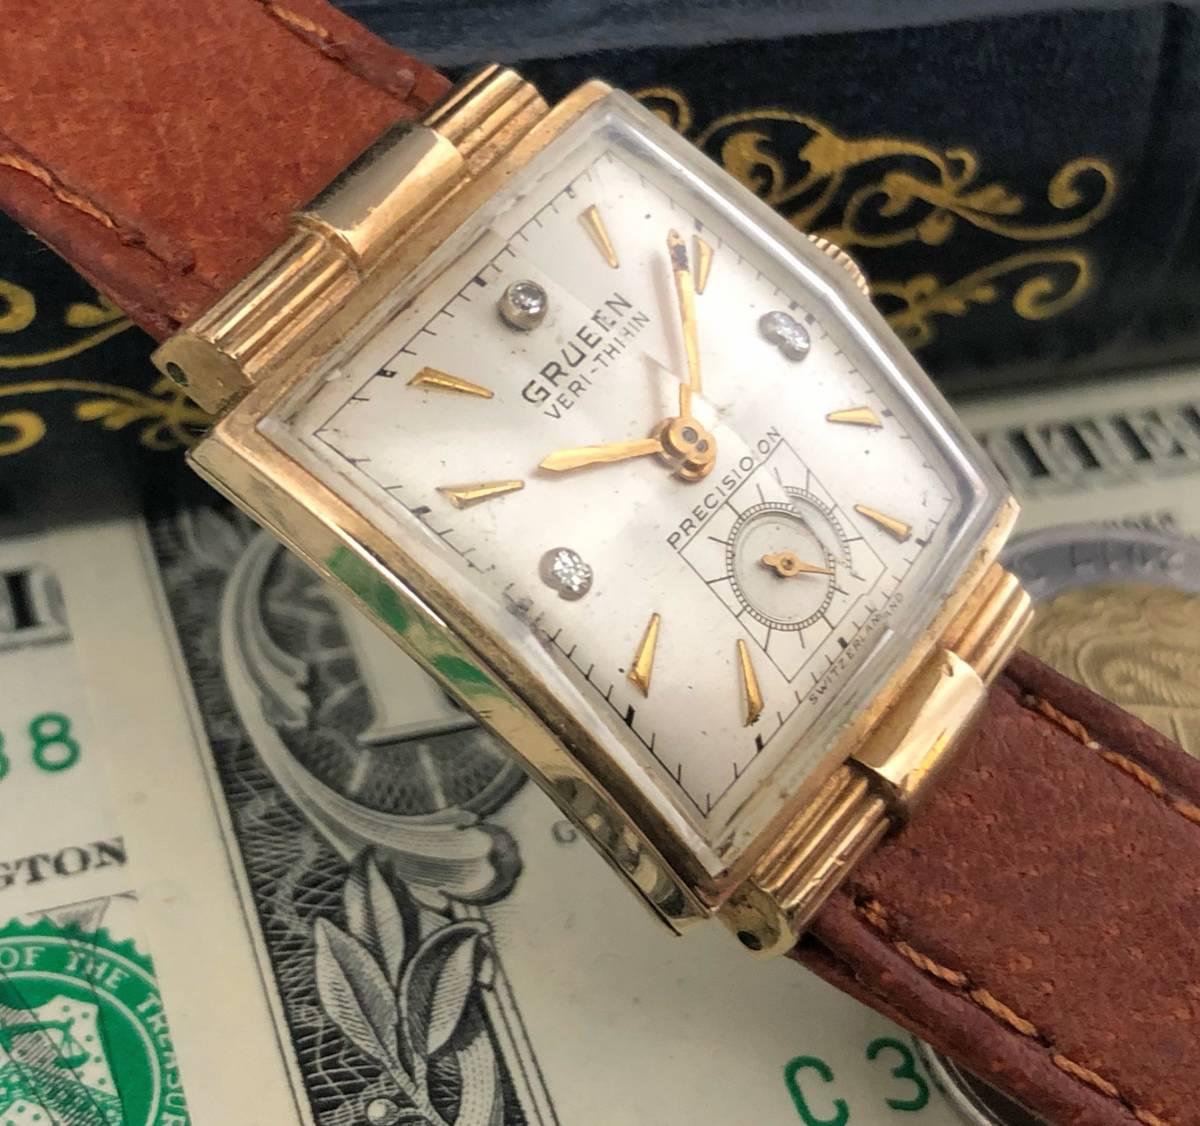 【貴重】◎/グリュエン/GRUEN/ゴールド/1950's/アンティーク/Veri-Thin/10K/スクエア/手巻/金張/ベリシン/メンズ腕時計/アメリカ/送料無料_画像4